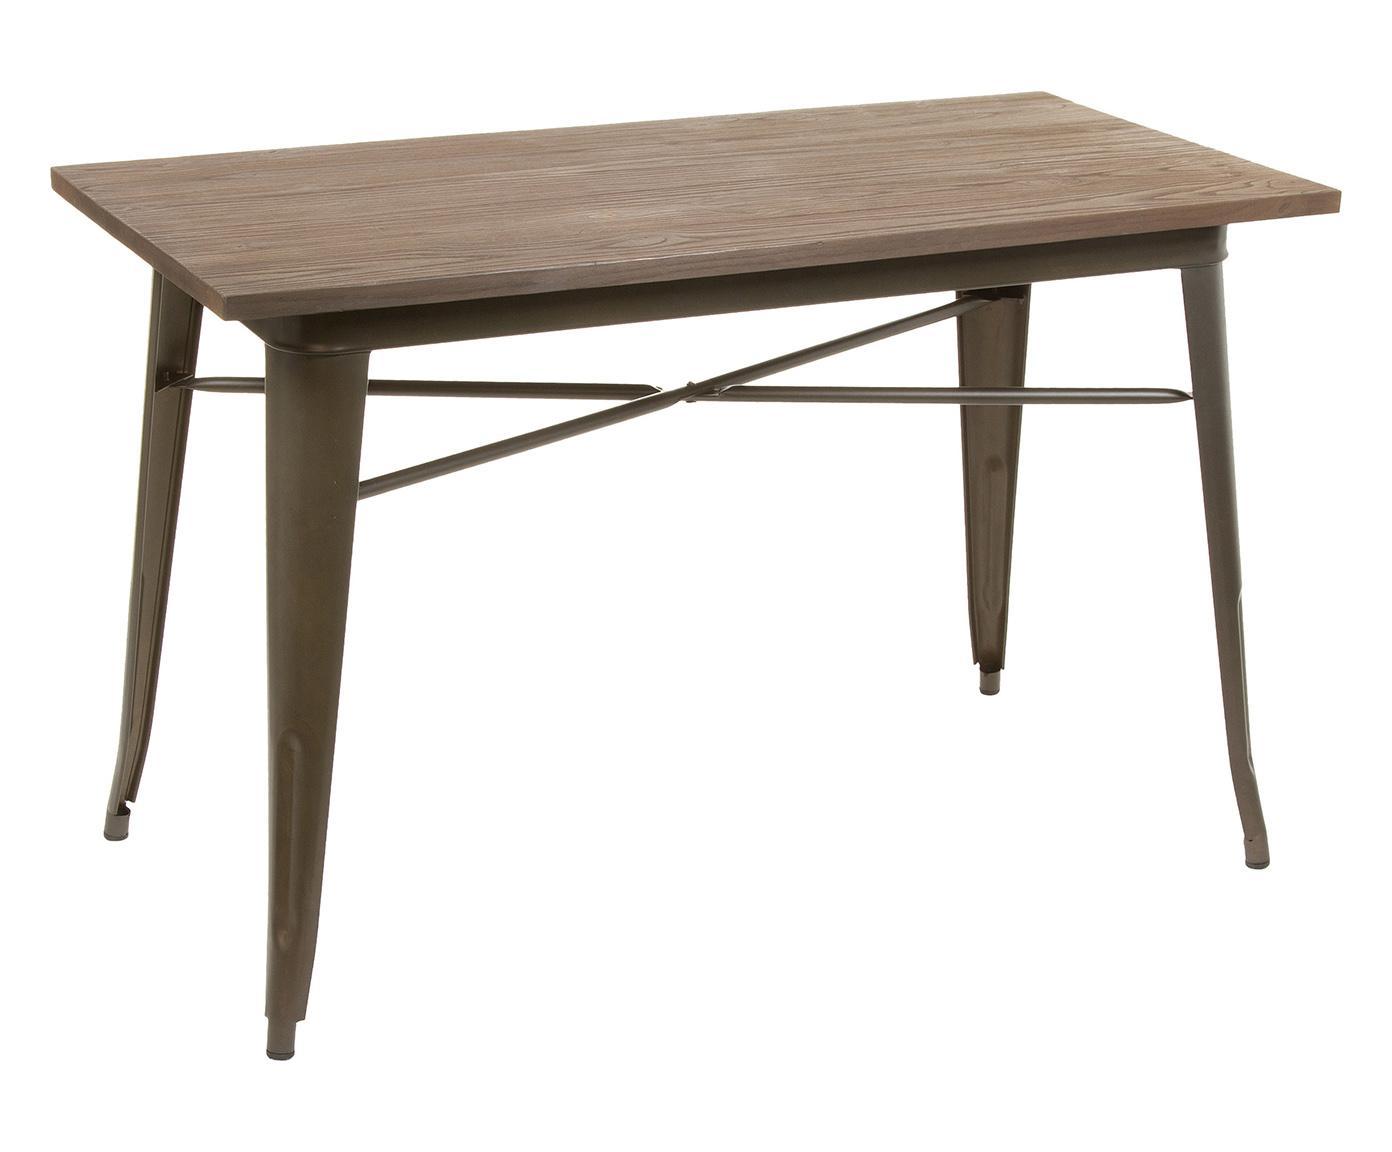 Homegarden tavolo rotondo ferro esterno decoro mosaico - Tavolo braccio di ferro ...